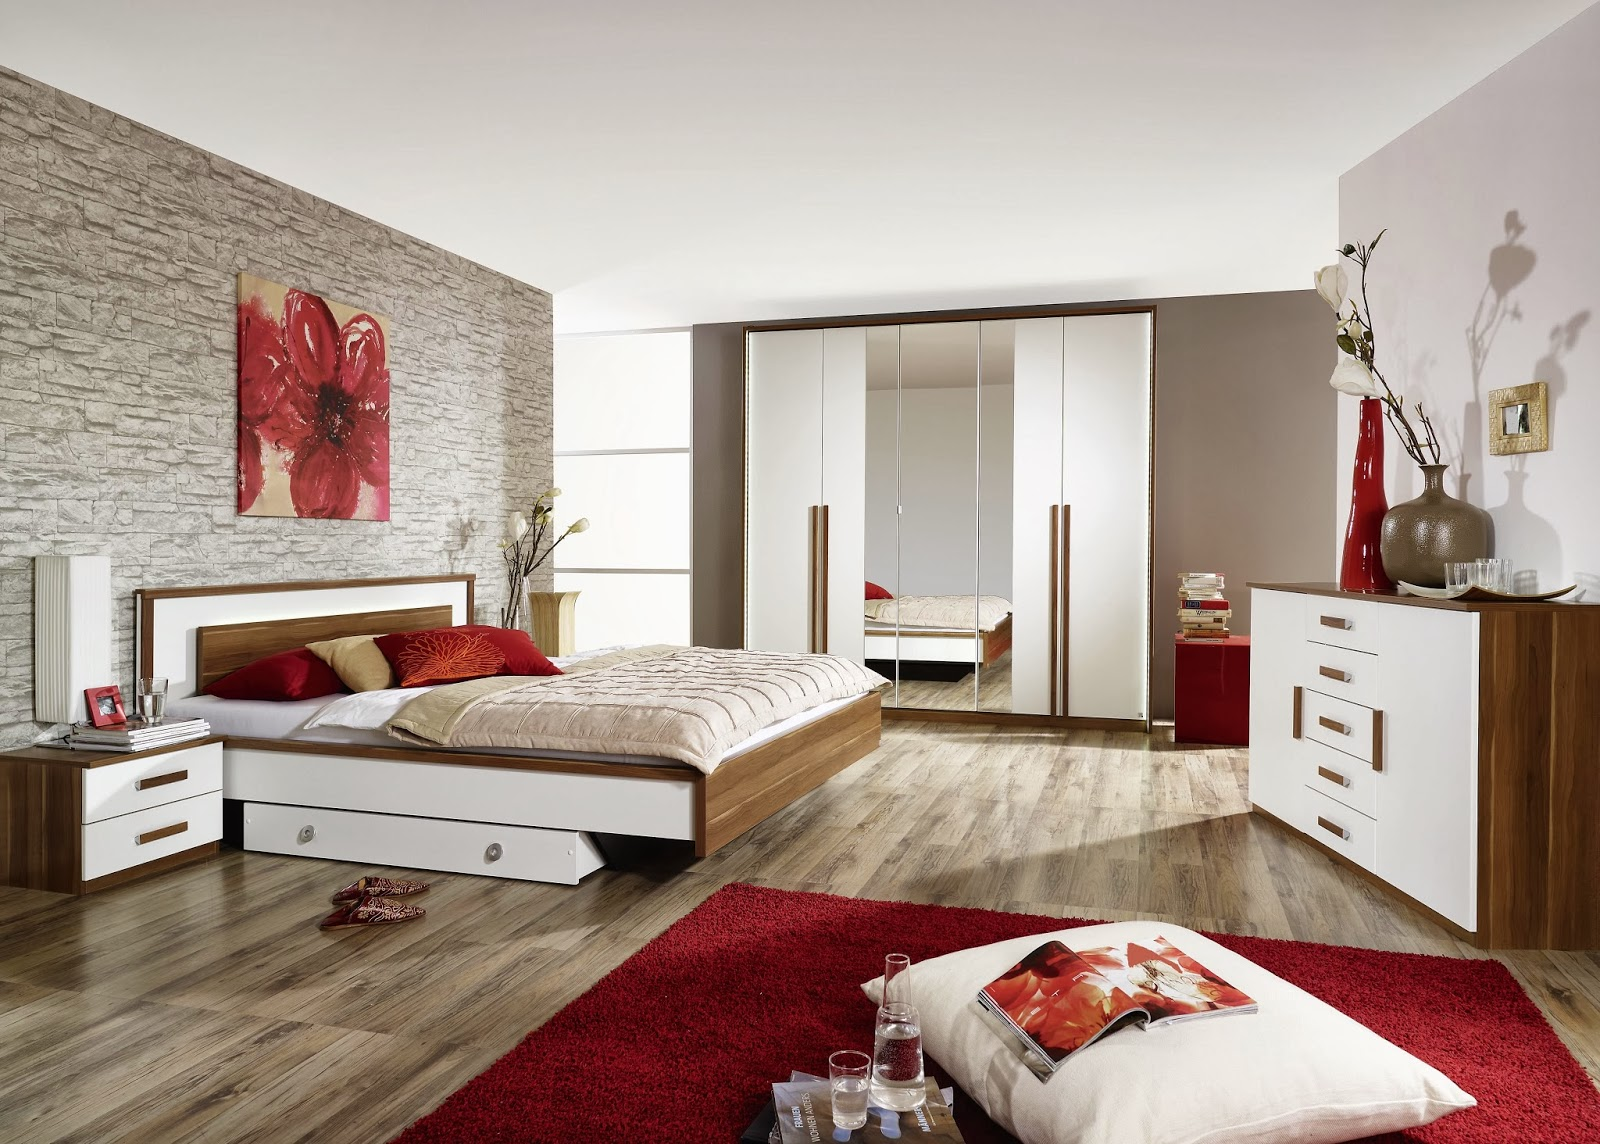 decorer une chambre en ligne id es d co pour maison moderne. Black Bedroom Furniture Sets. Home Design Ideas